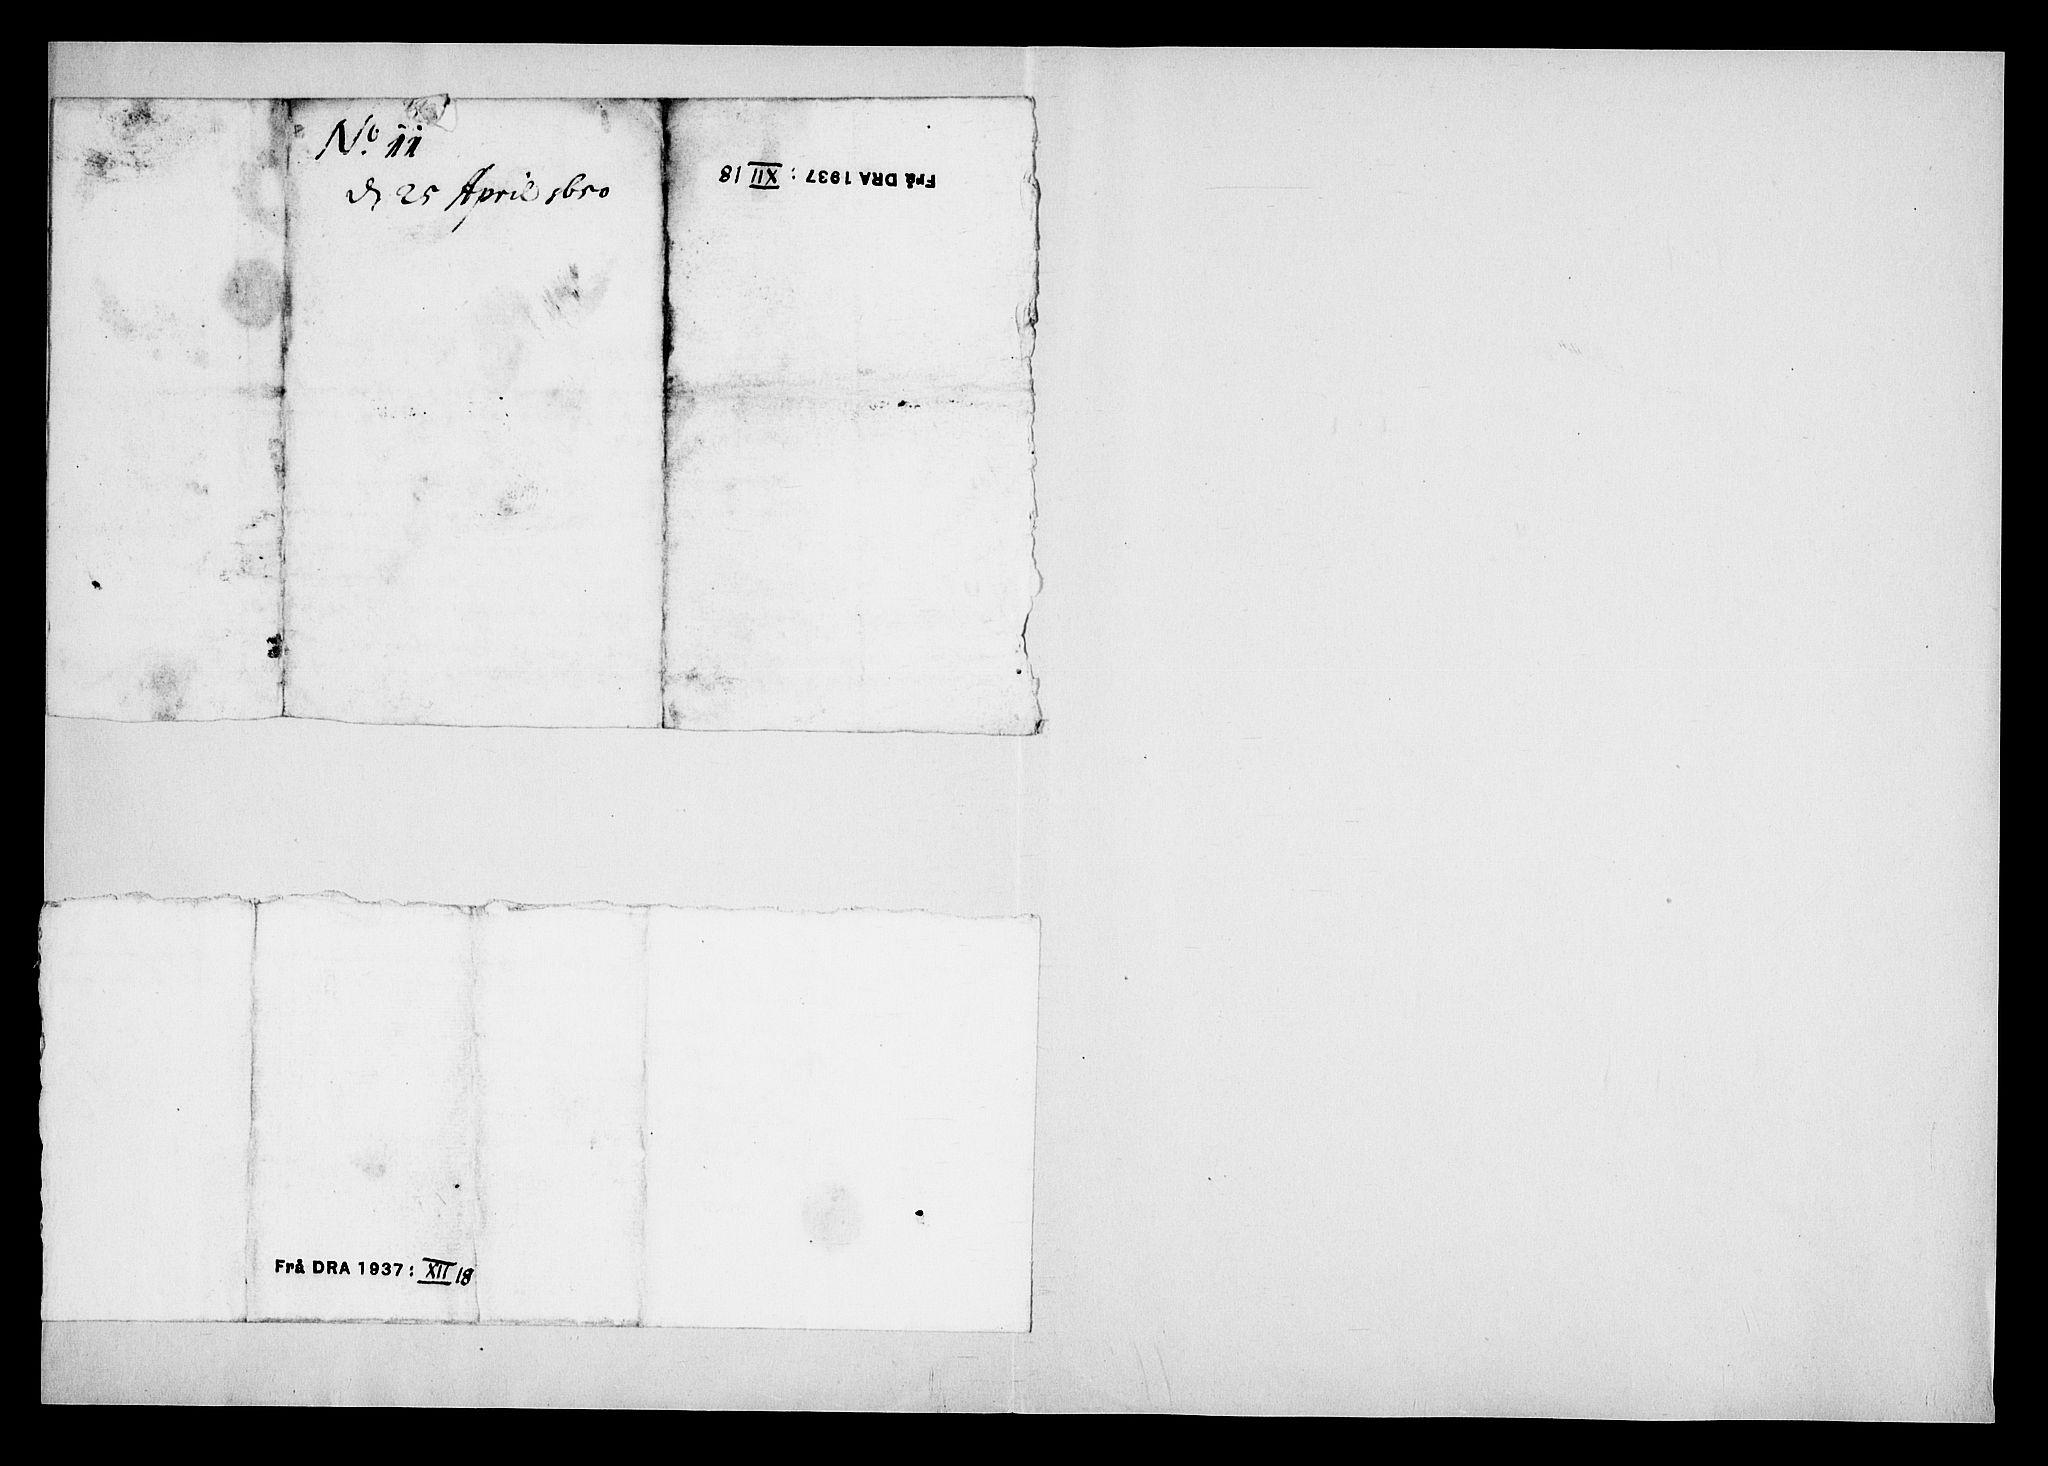 RA, Danske Kanselli, Skapsaker, G/L0019: Tillegg til skapsakene, 1616-1753, s. 140